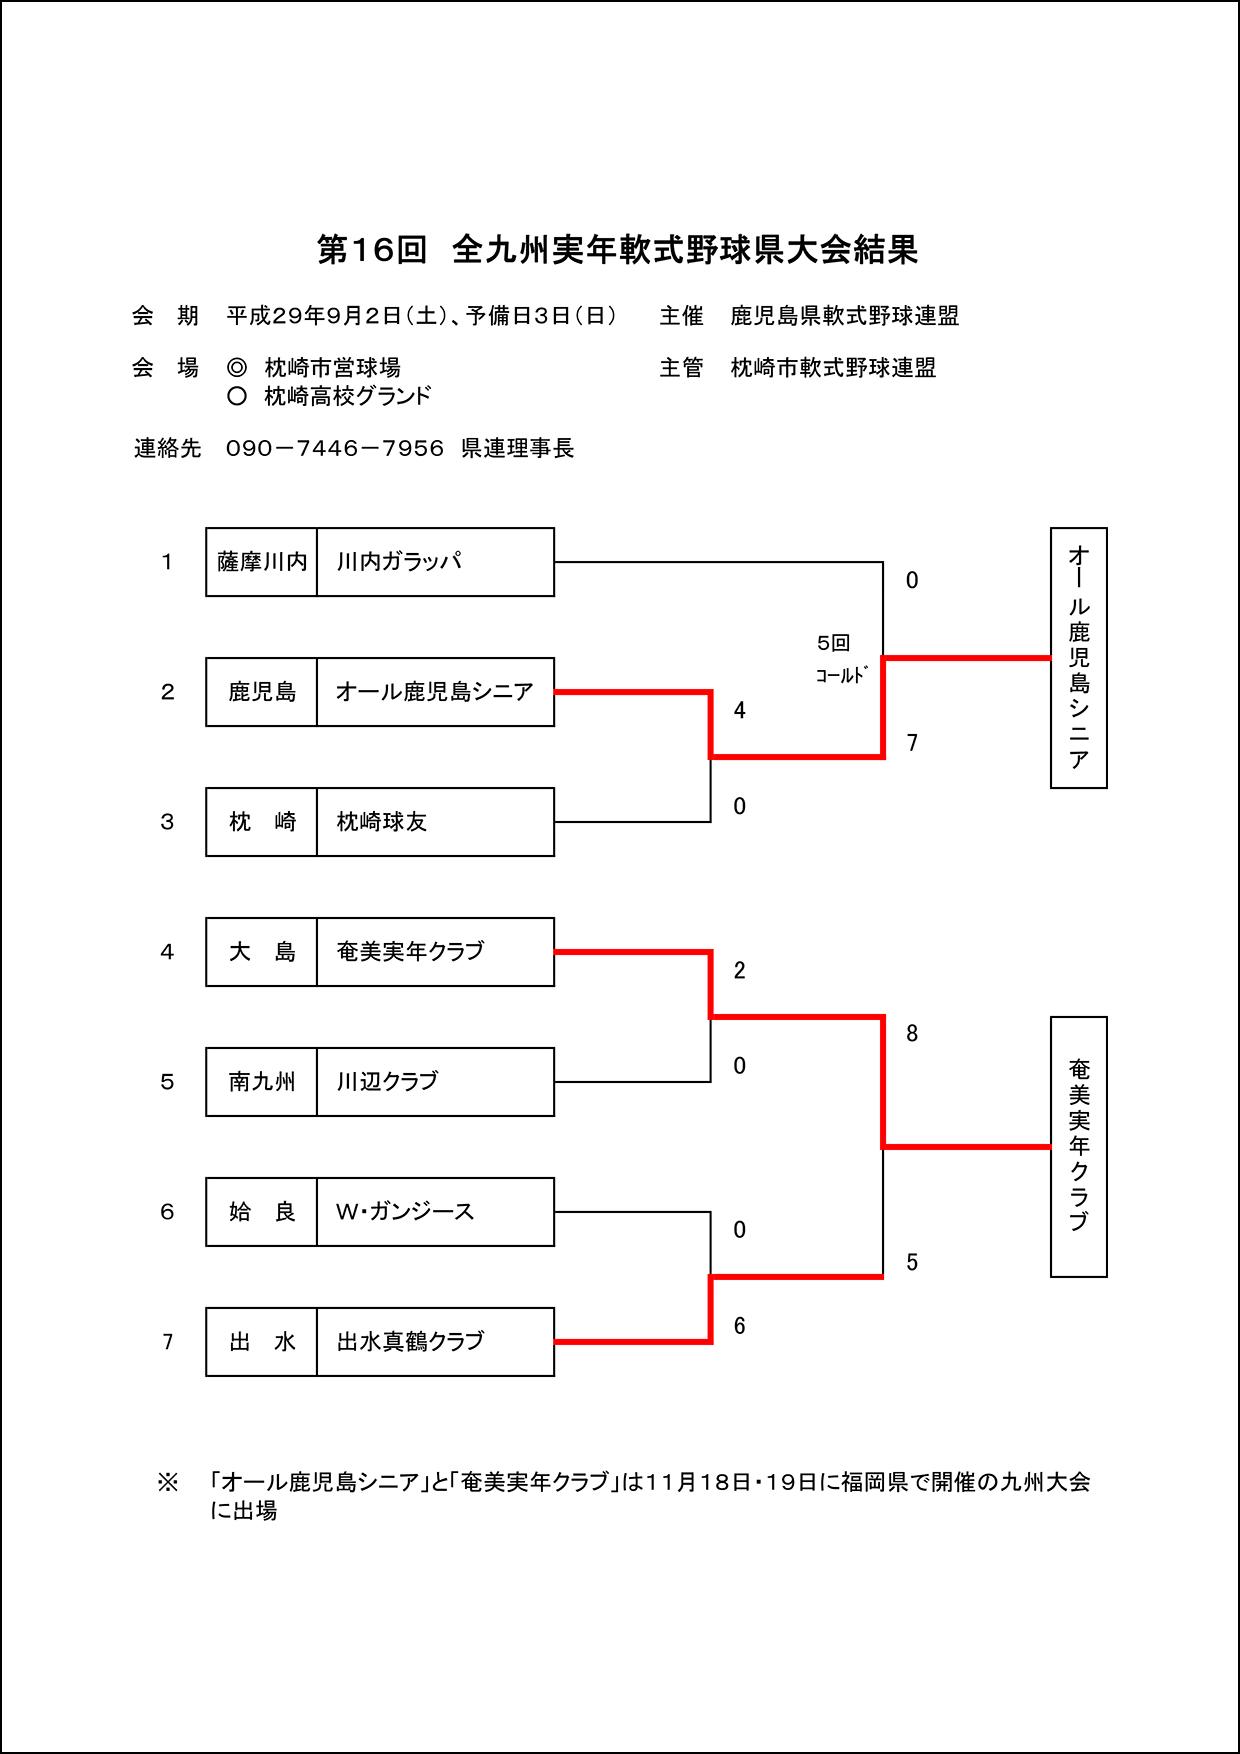 【結果】第16回 全九州実年軟式野球県大会結果